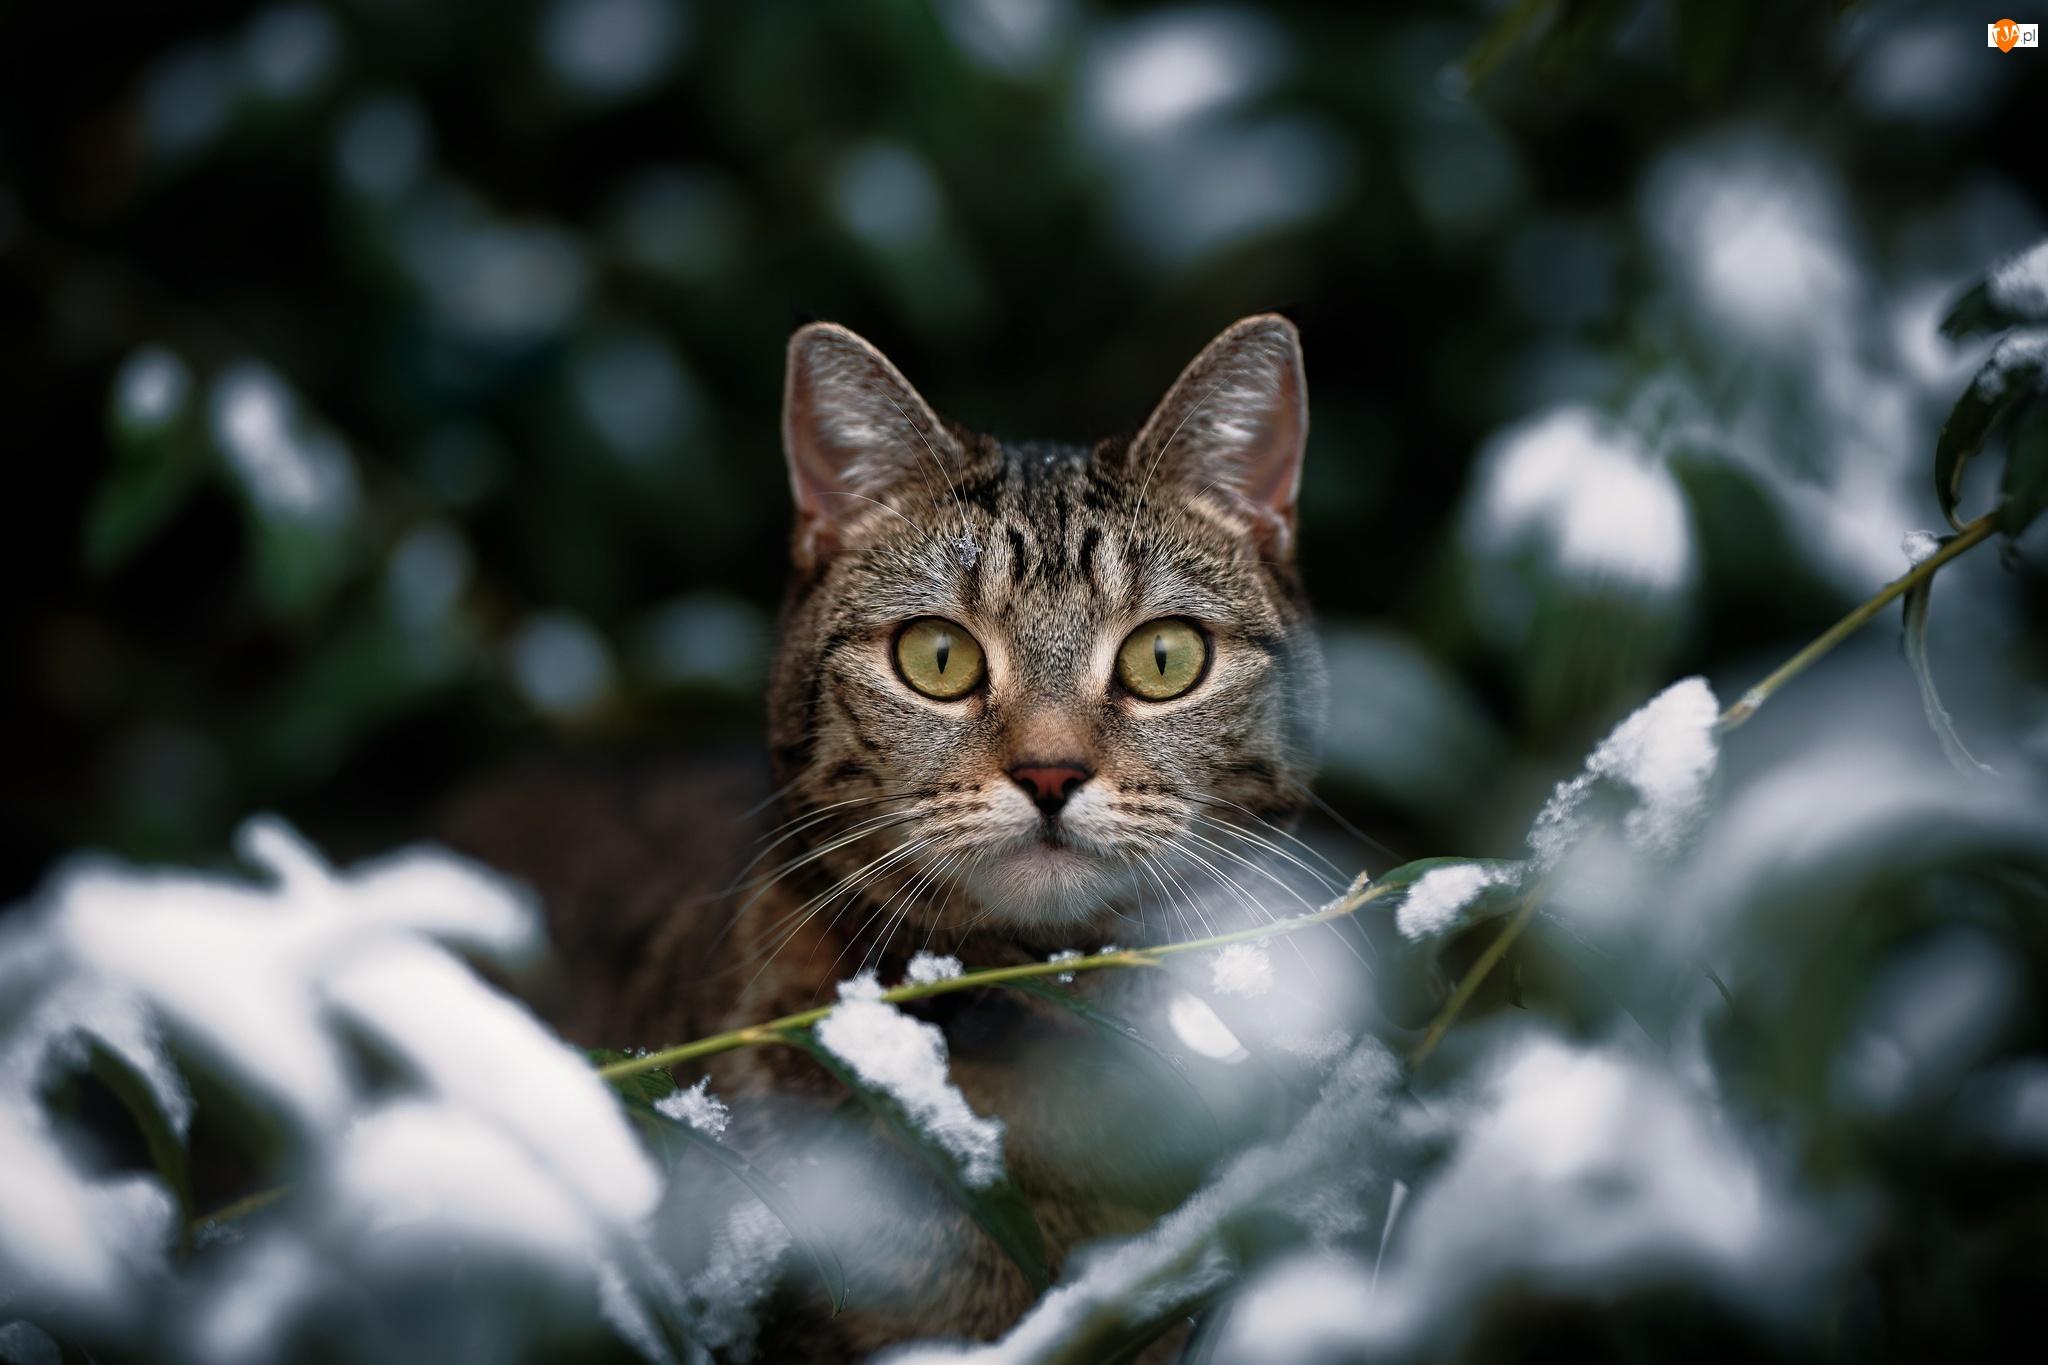 Śnieg, Kot, Spojrzenie, Gałązki